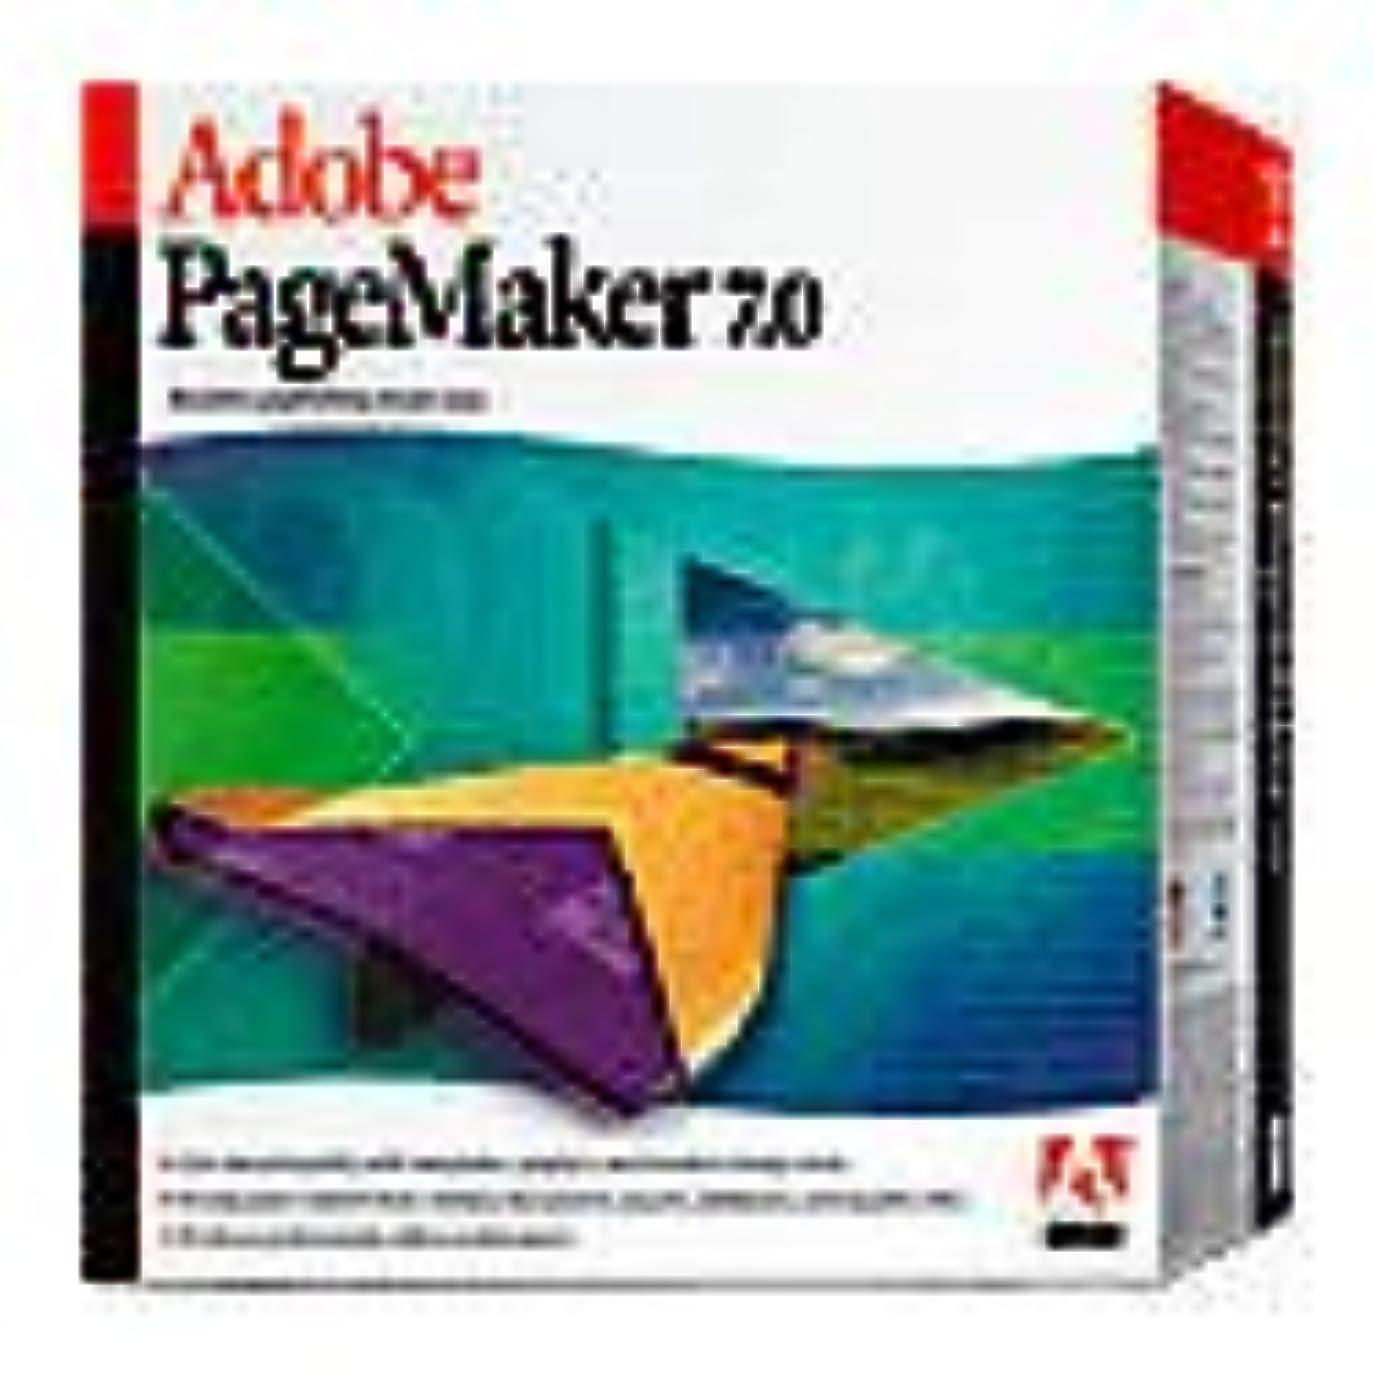 カプセル切り離す差Adobe PageMaker 7.0 日本語版 Windows版